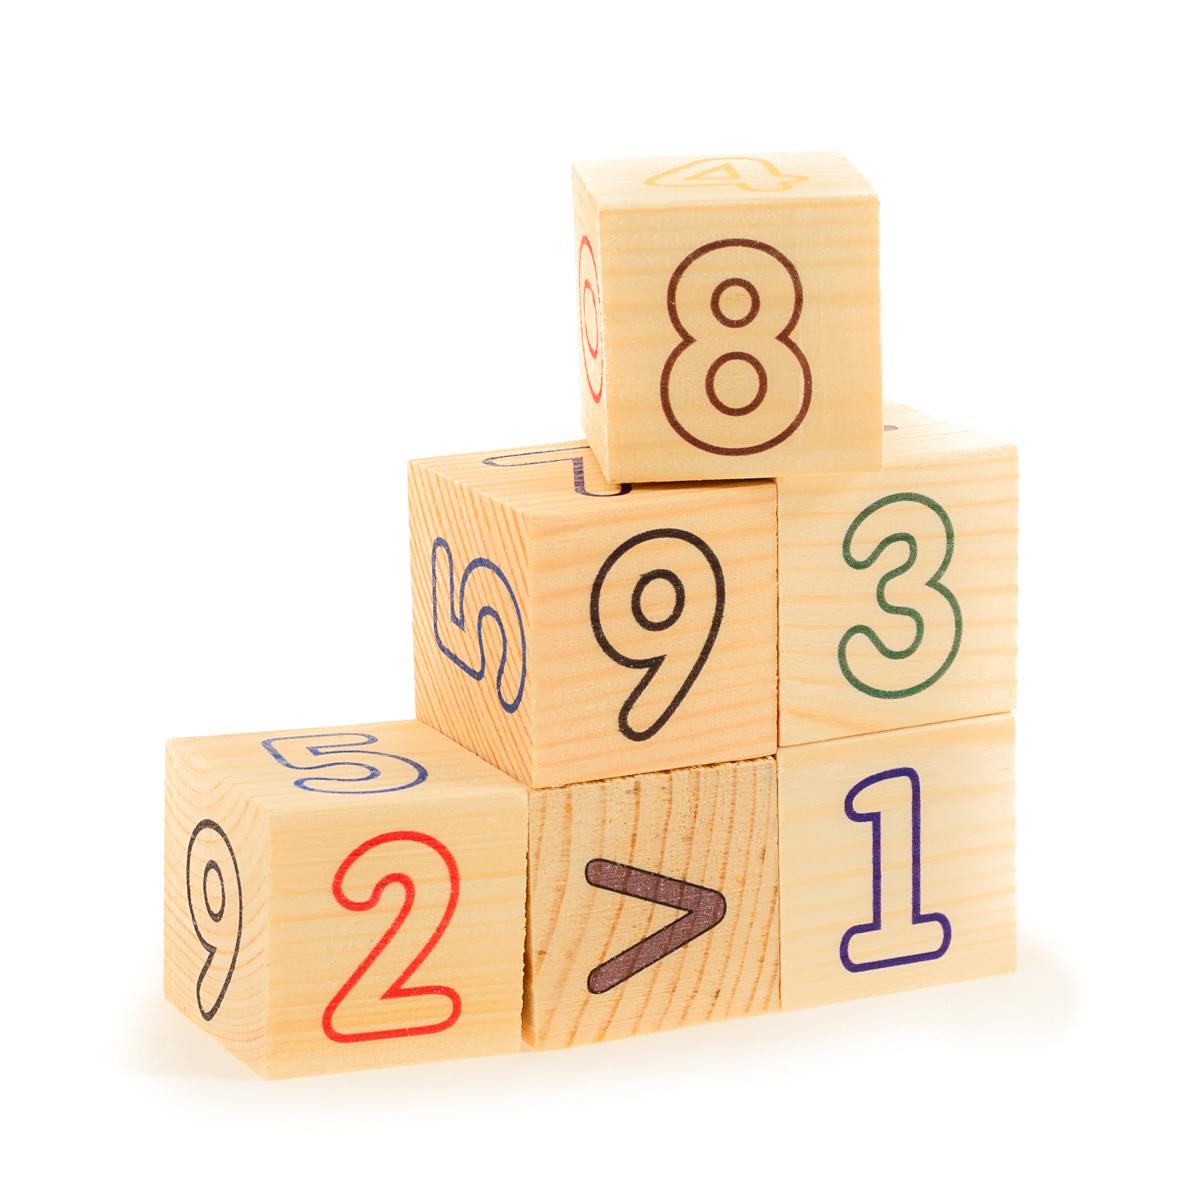 Фото - Развивающие деревянные игрушки Кубики Цифры счет развивающие деревянные игрушки кубики фрукты